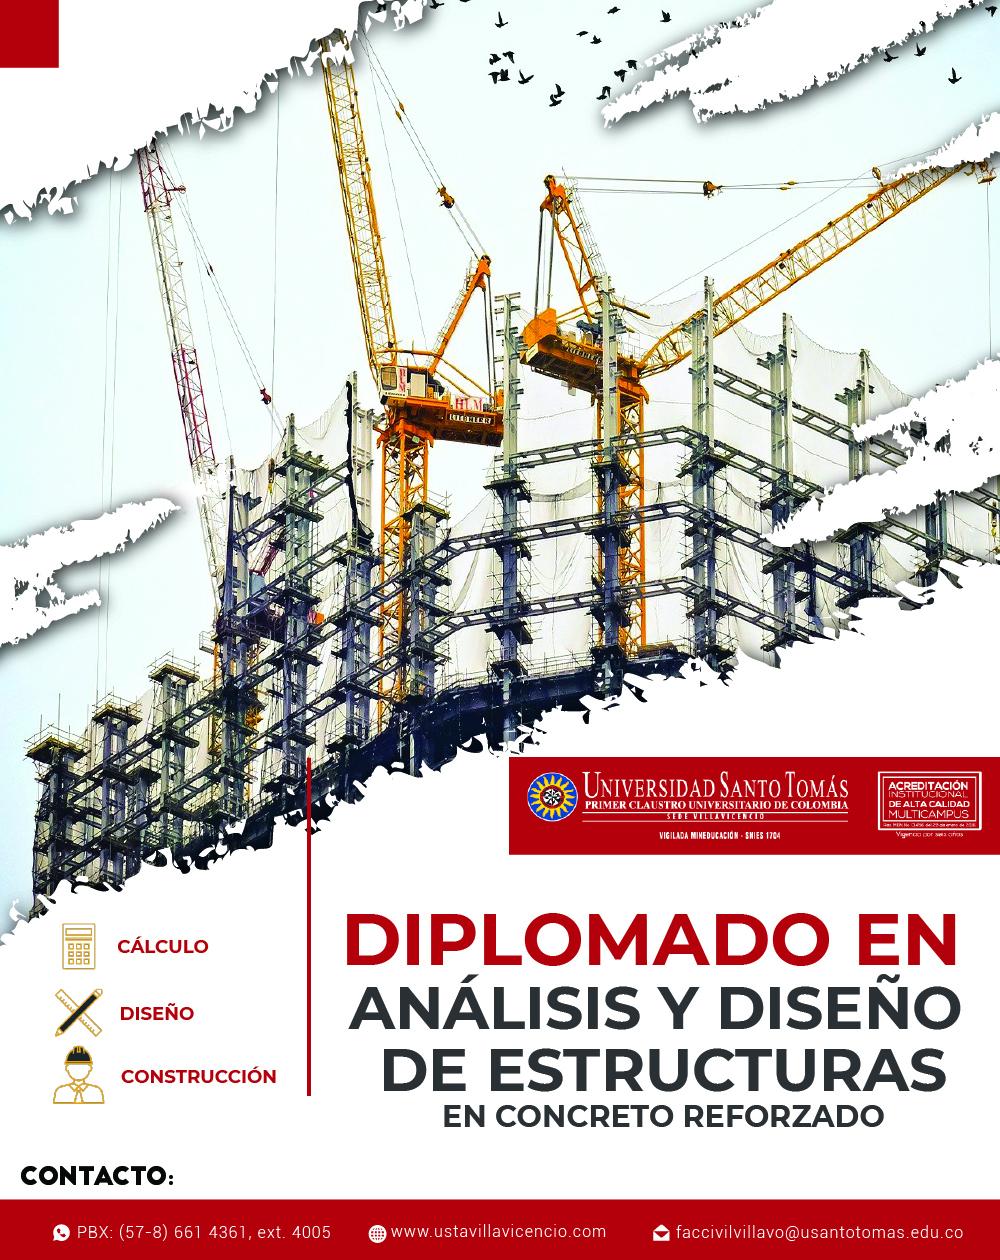 Diplomado en Análisis y Diseño de Estructuras en Concreto Reforzado USTA Villavicencio